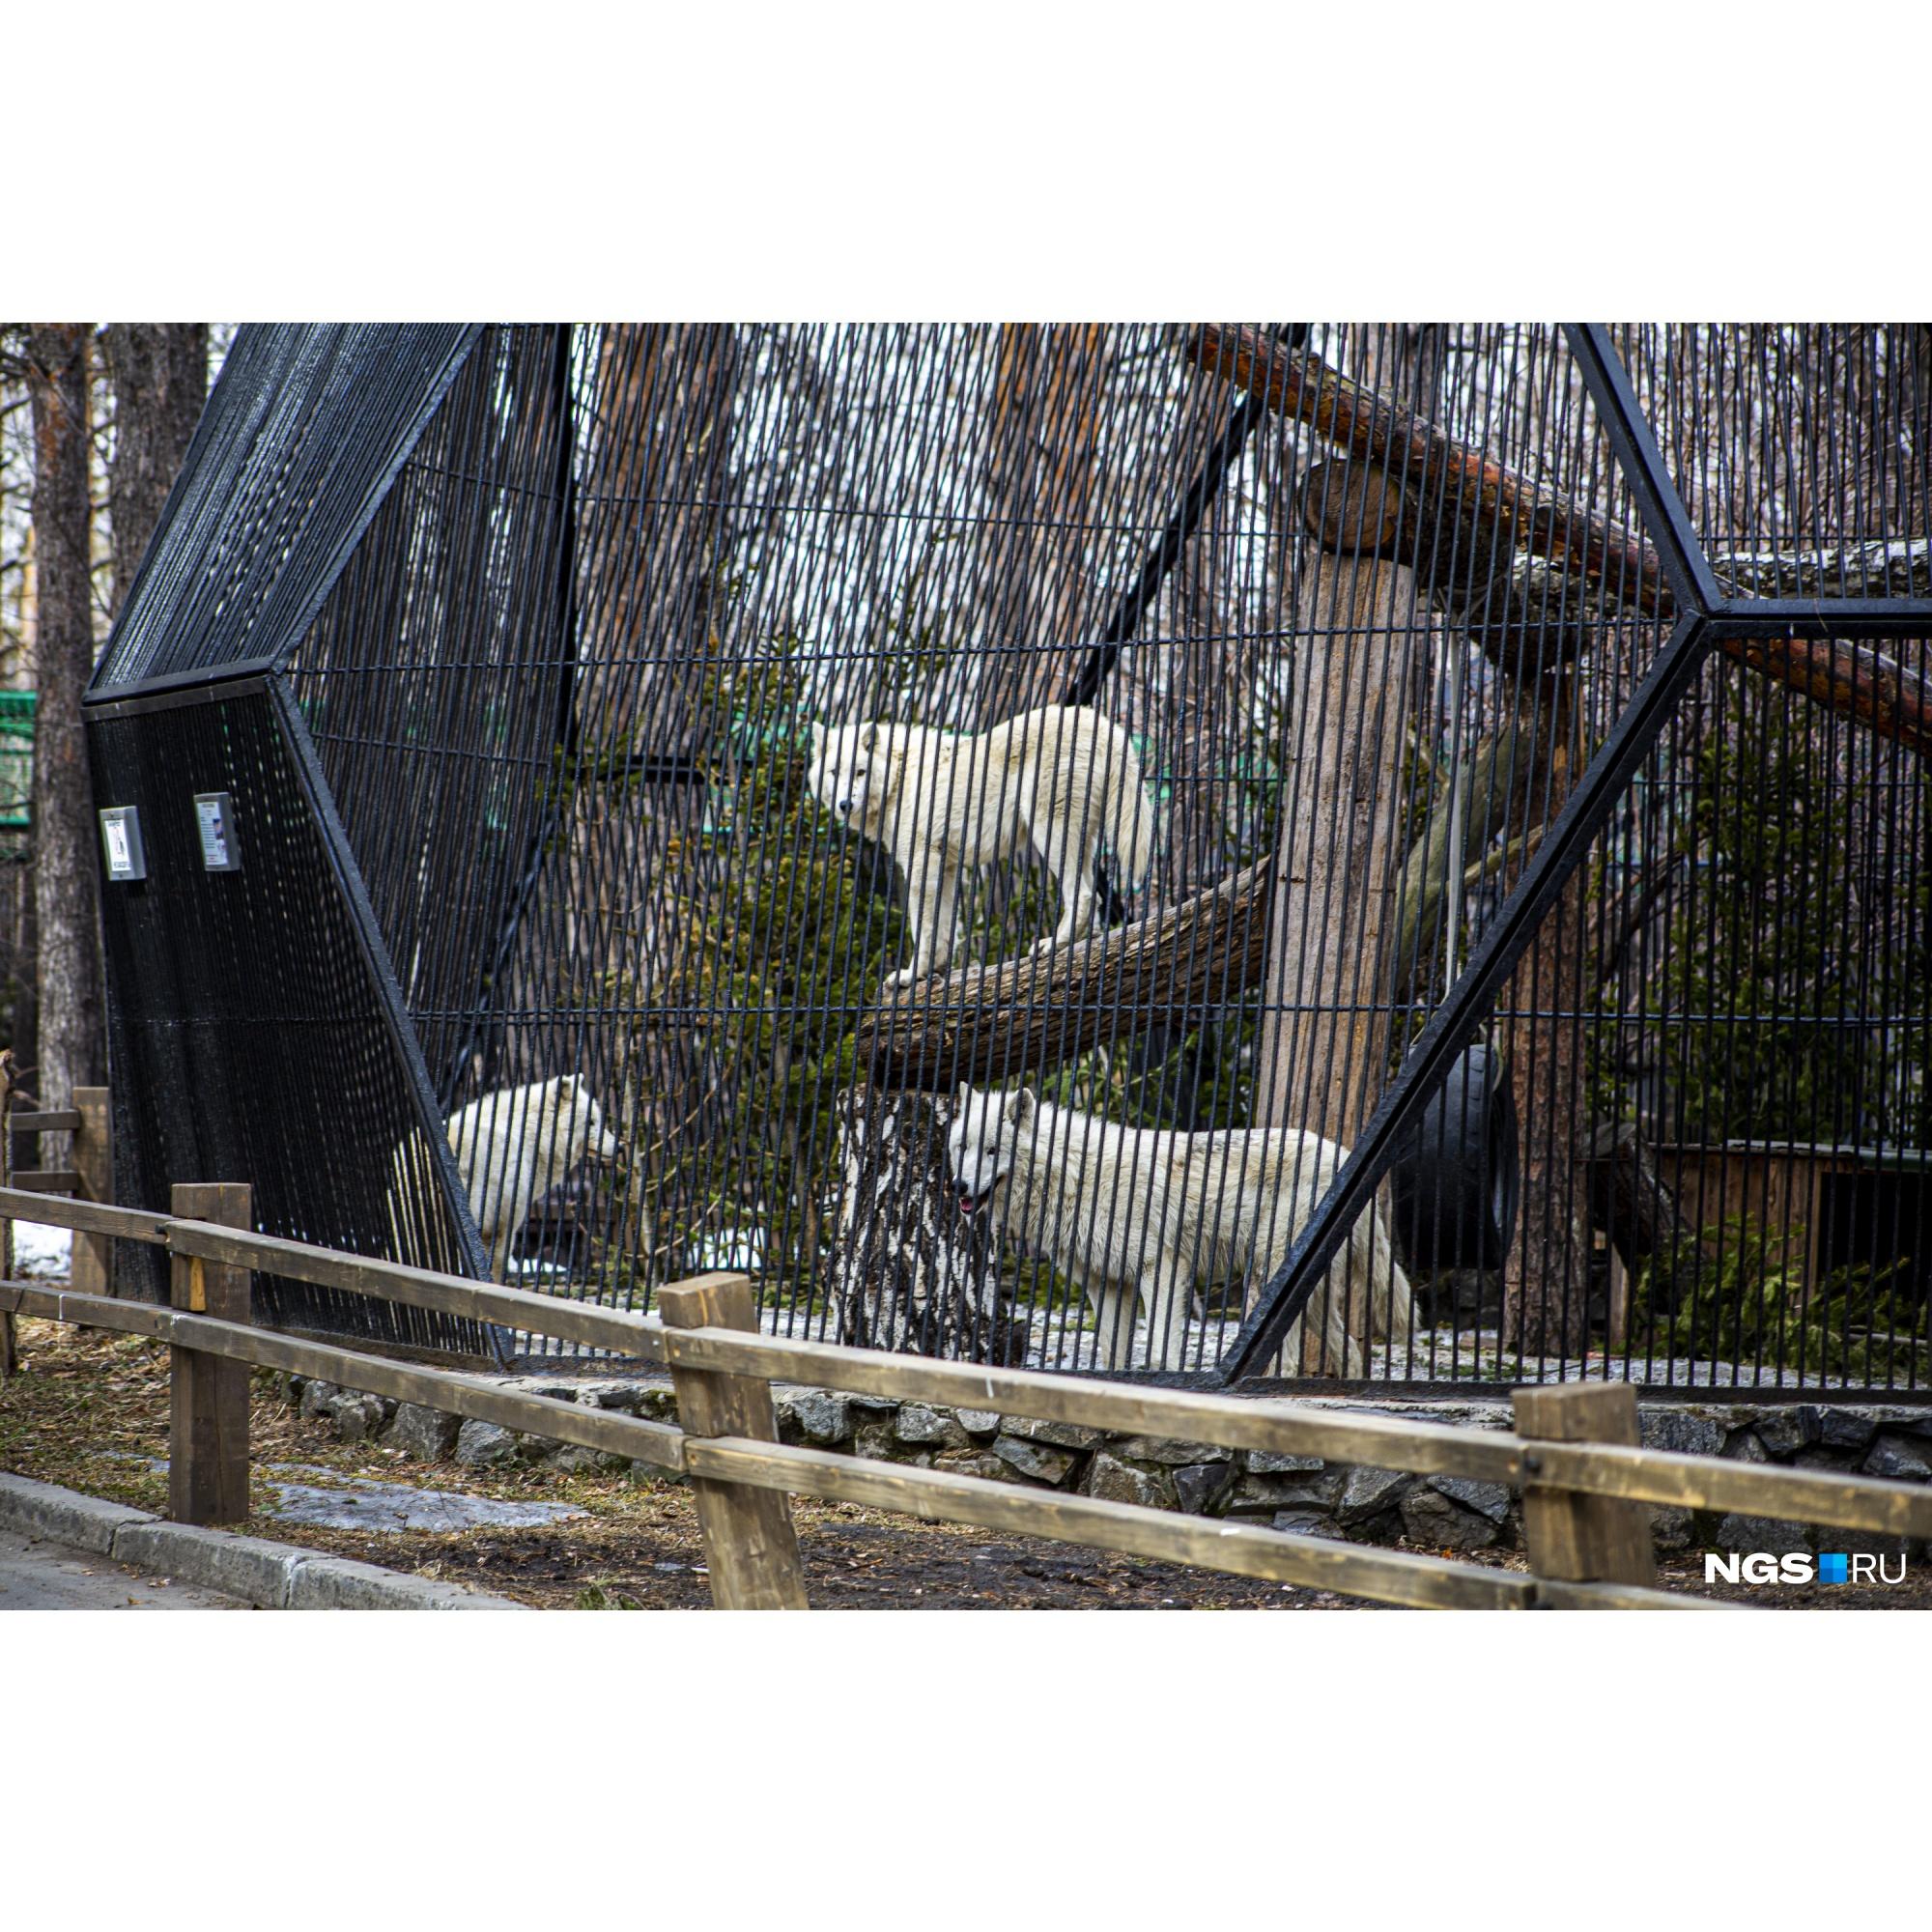 Смотрители рассказывают, что без посетителей волки взвыли